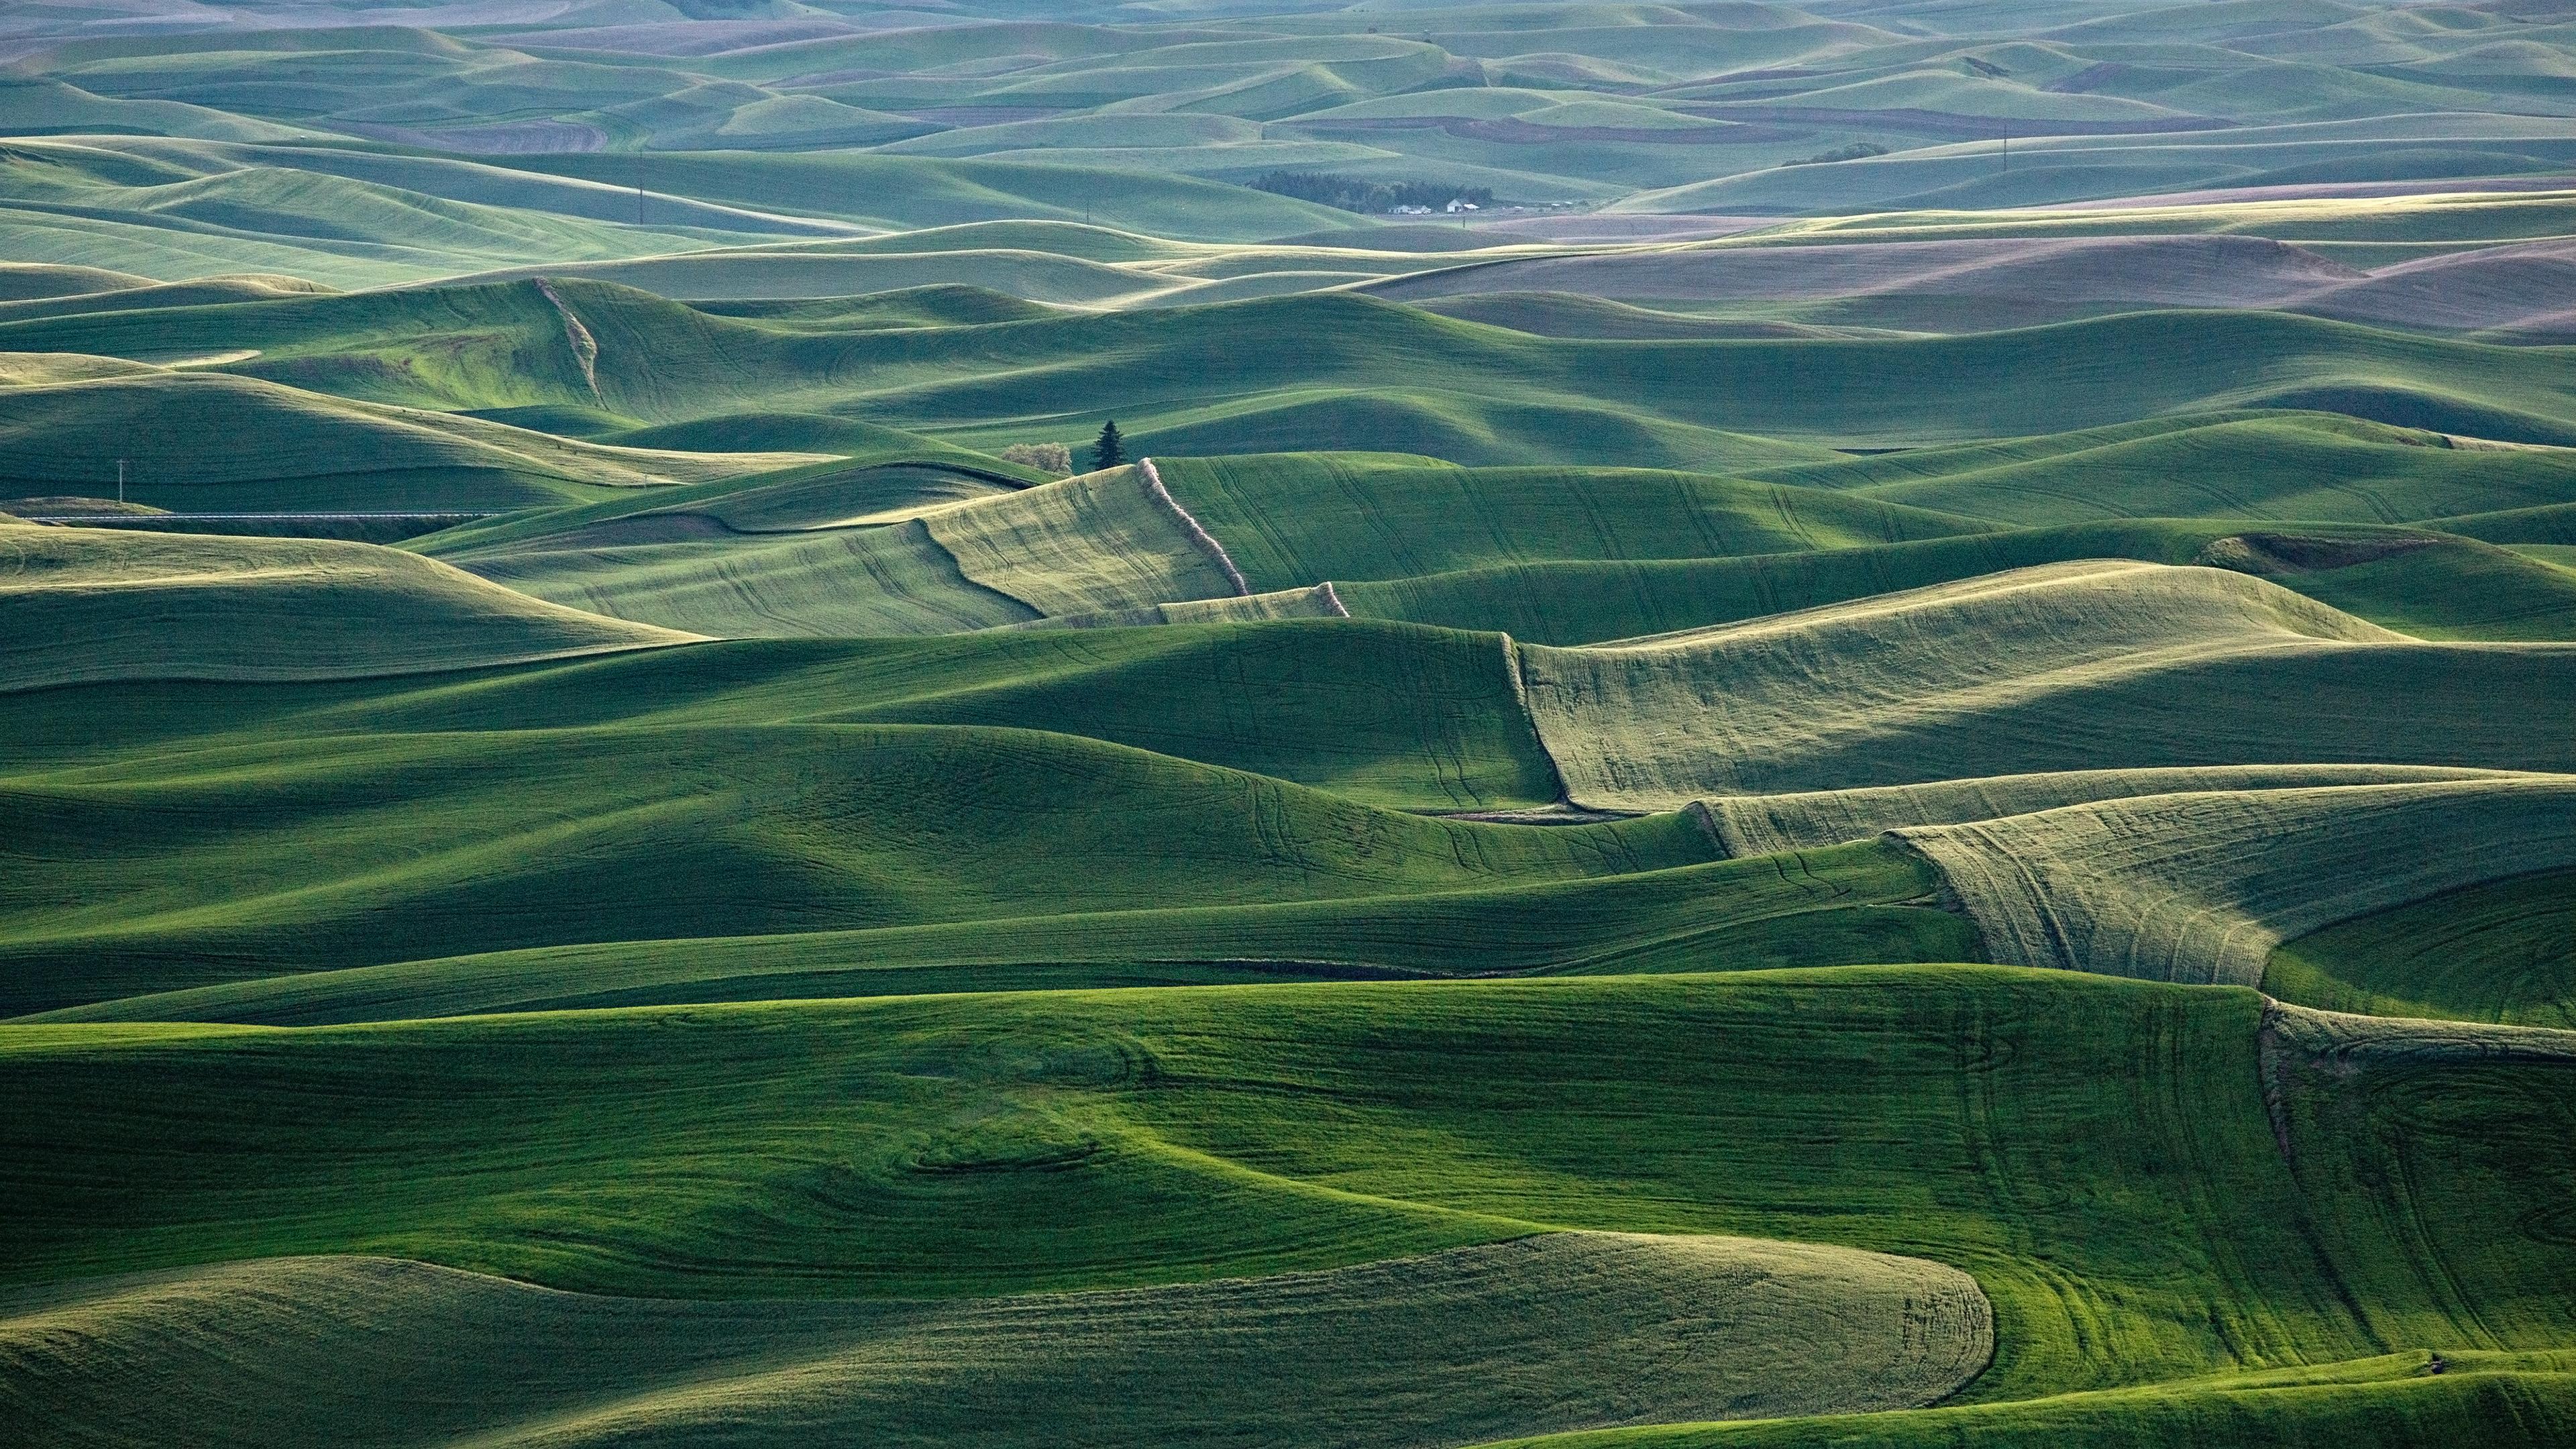 landscape fog field grass ultrahd 4k wallpaper wallpaper background 3840x2160